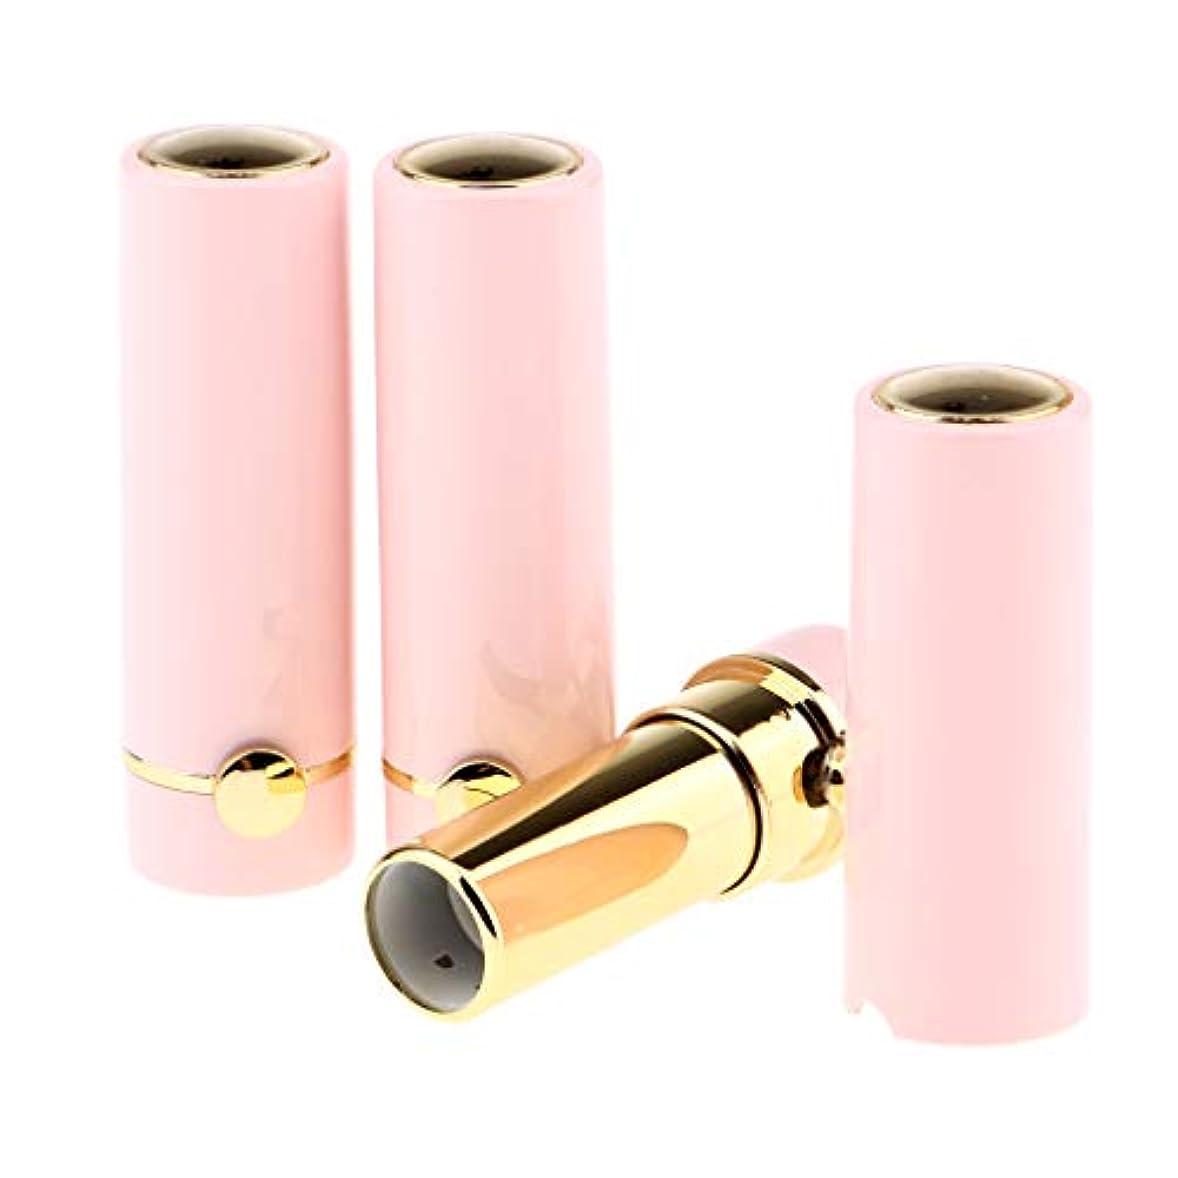 哲学的チューブはげP Prettyia 3本 空の口紅容器 DIYリップクリームチューブ グロスボトル 詰替え容器 全3色 - ピンク